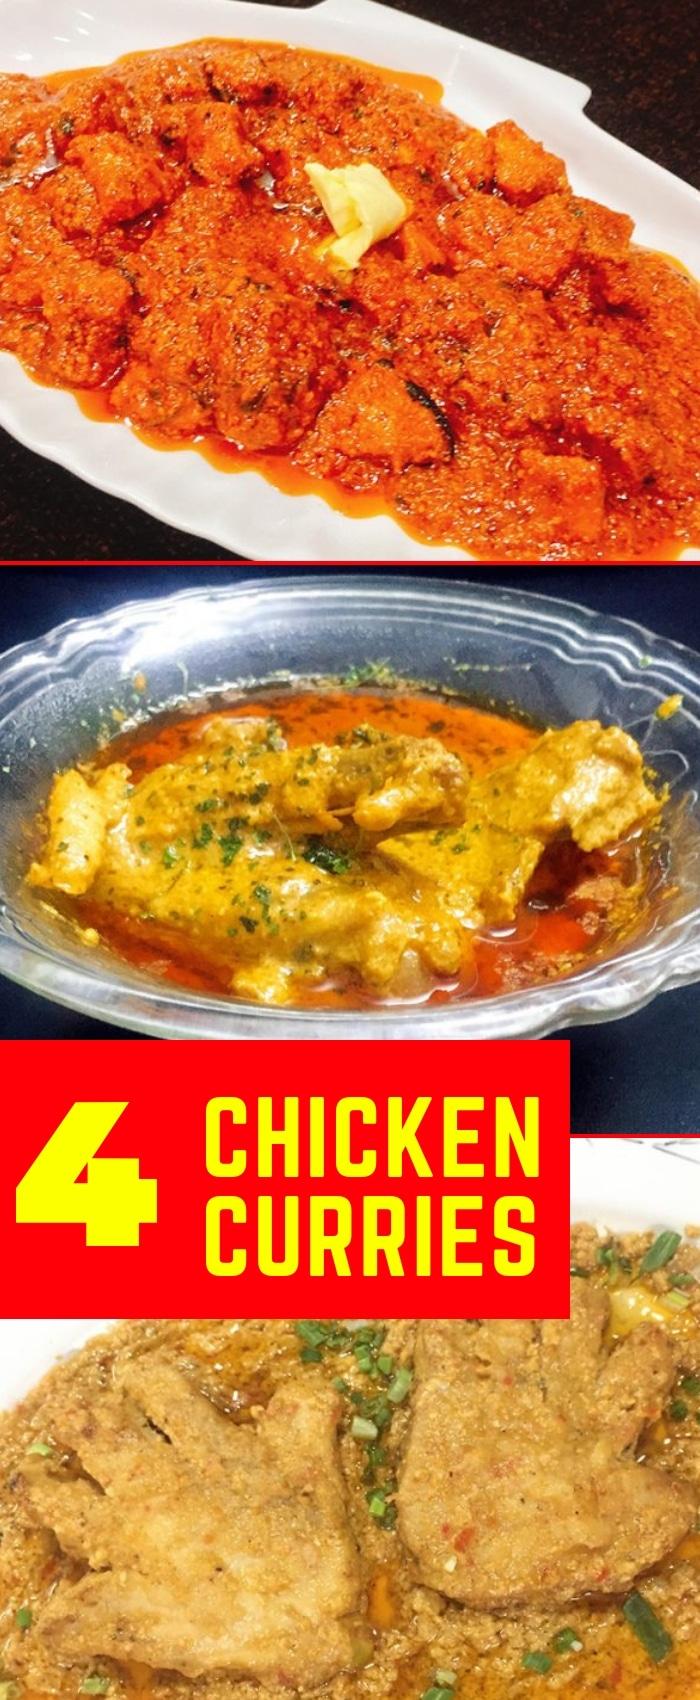 chicken curries